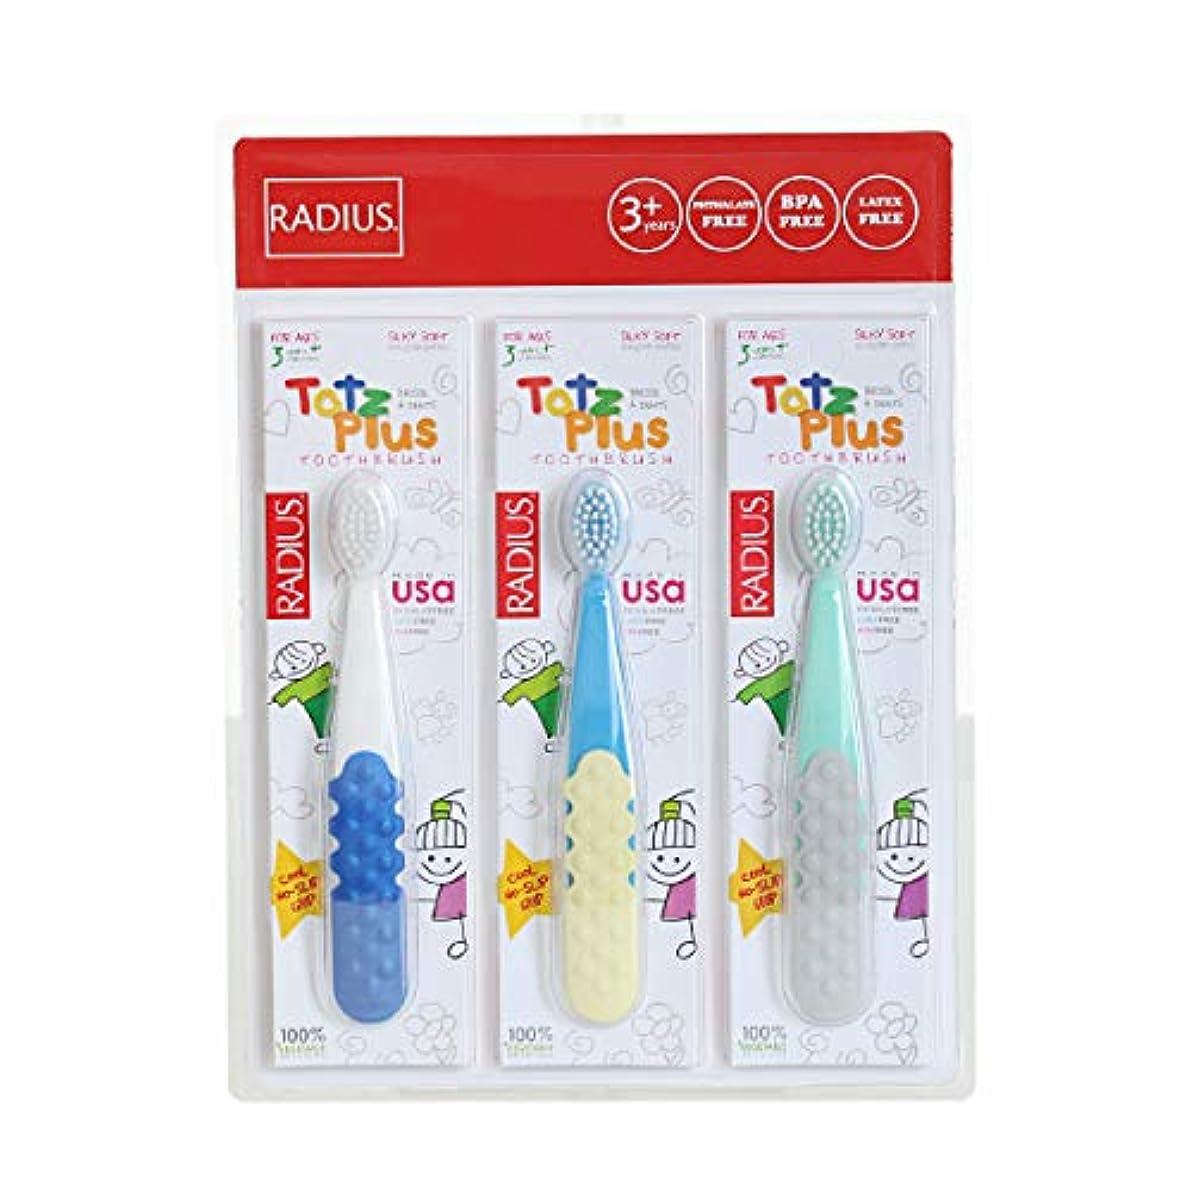 吸収剤波紋ミリメートルラディウス Totz Plus Toothbrush 歯ブラシ, 3年+ シルキーソフト, 100% 野菜剛毛 3パック [並行輸入品]